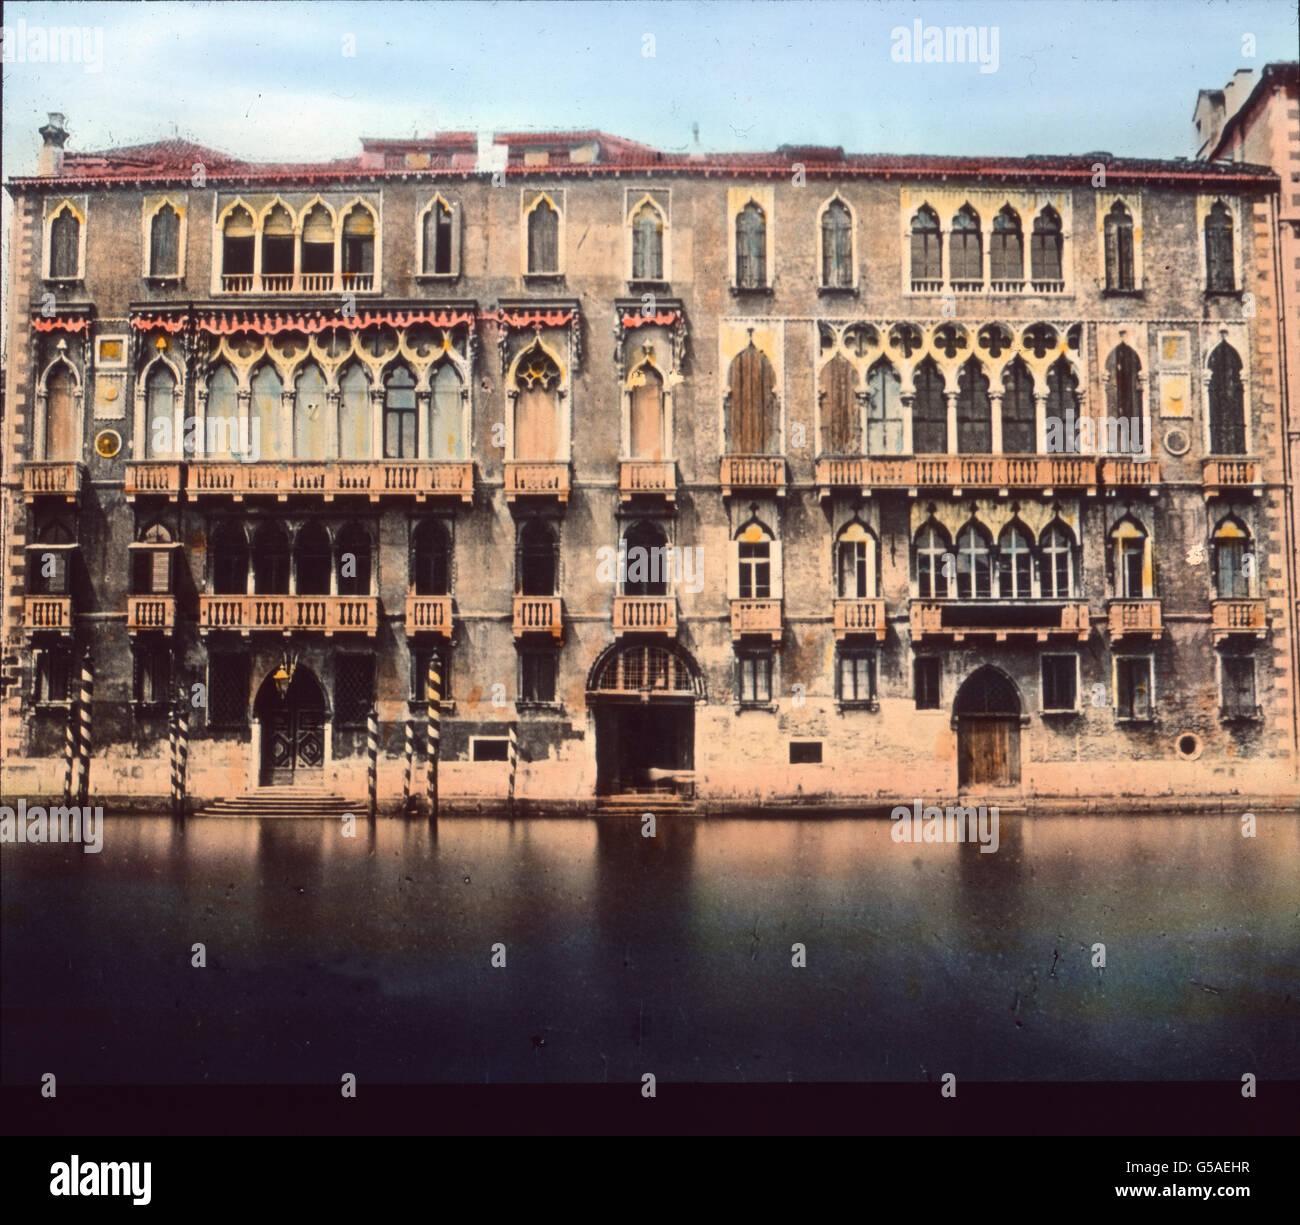 Finden Wir namentlich Goethe un allen Stellen Erinnerungen, vor allem hier beim Palazzo Giustiniani cerquero Belebung Imagen De Stock